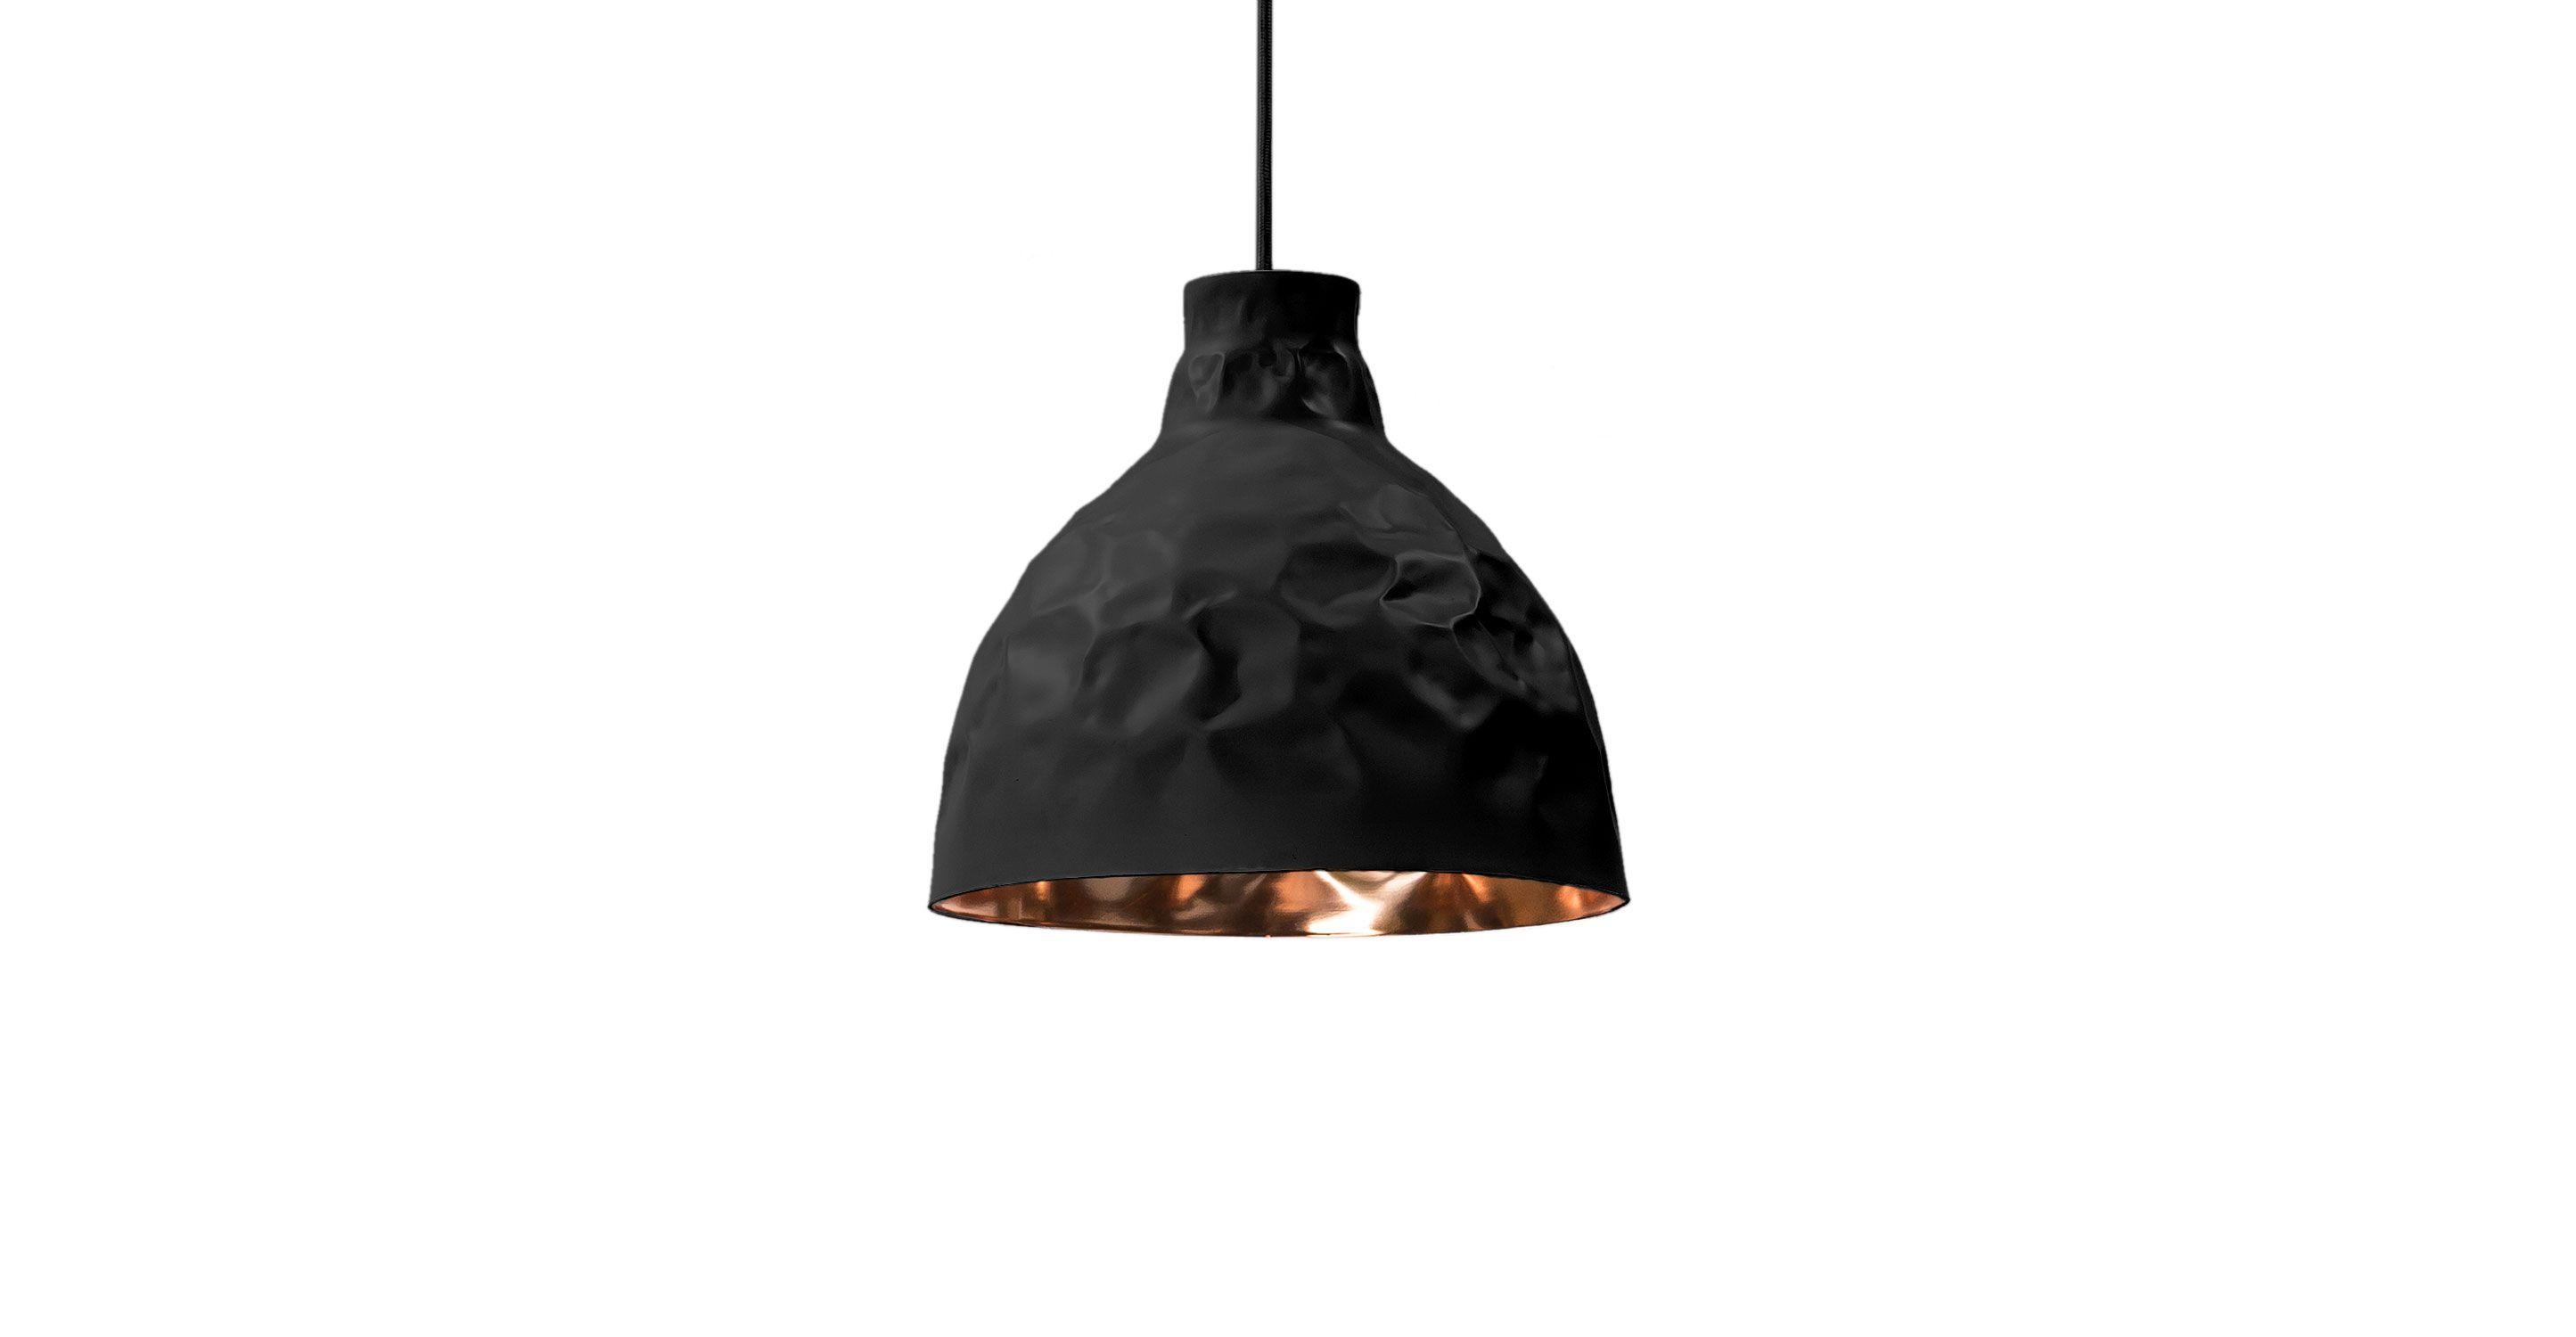 crumple white pendant lamp lighting. Interesting Crumple Crumple Black Pendant Lamp  Lighting Article  Modern MidCentury And  Scandinavian To White